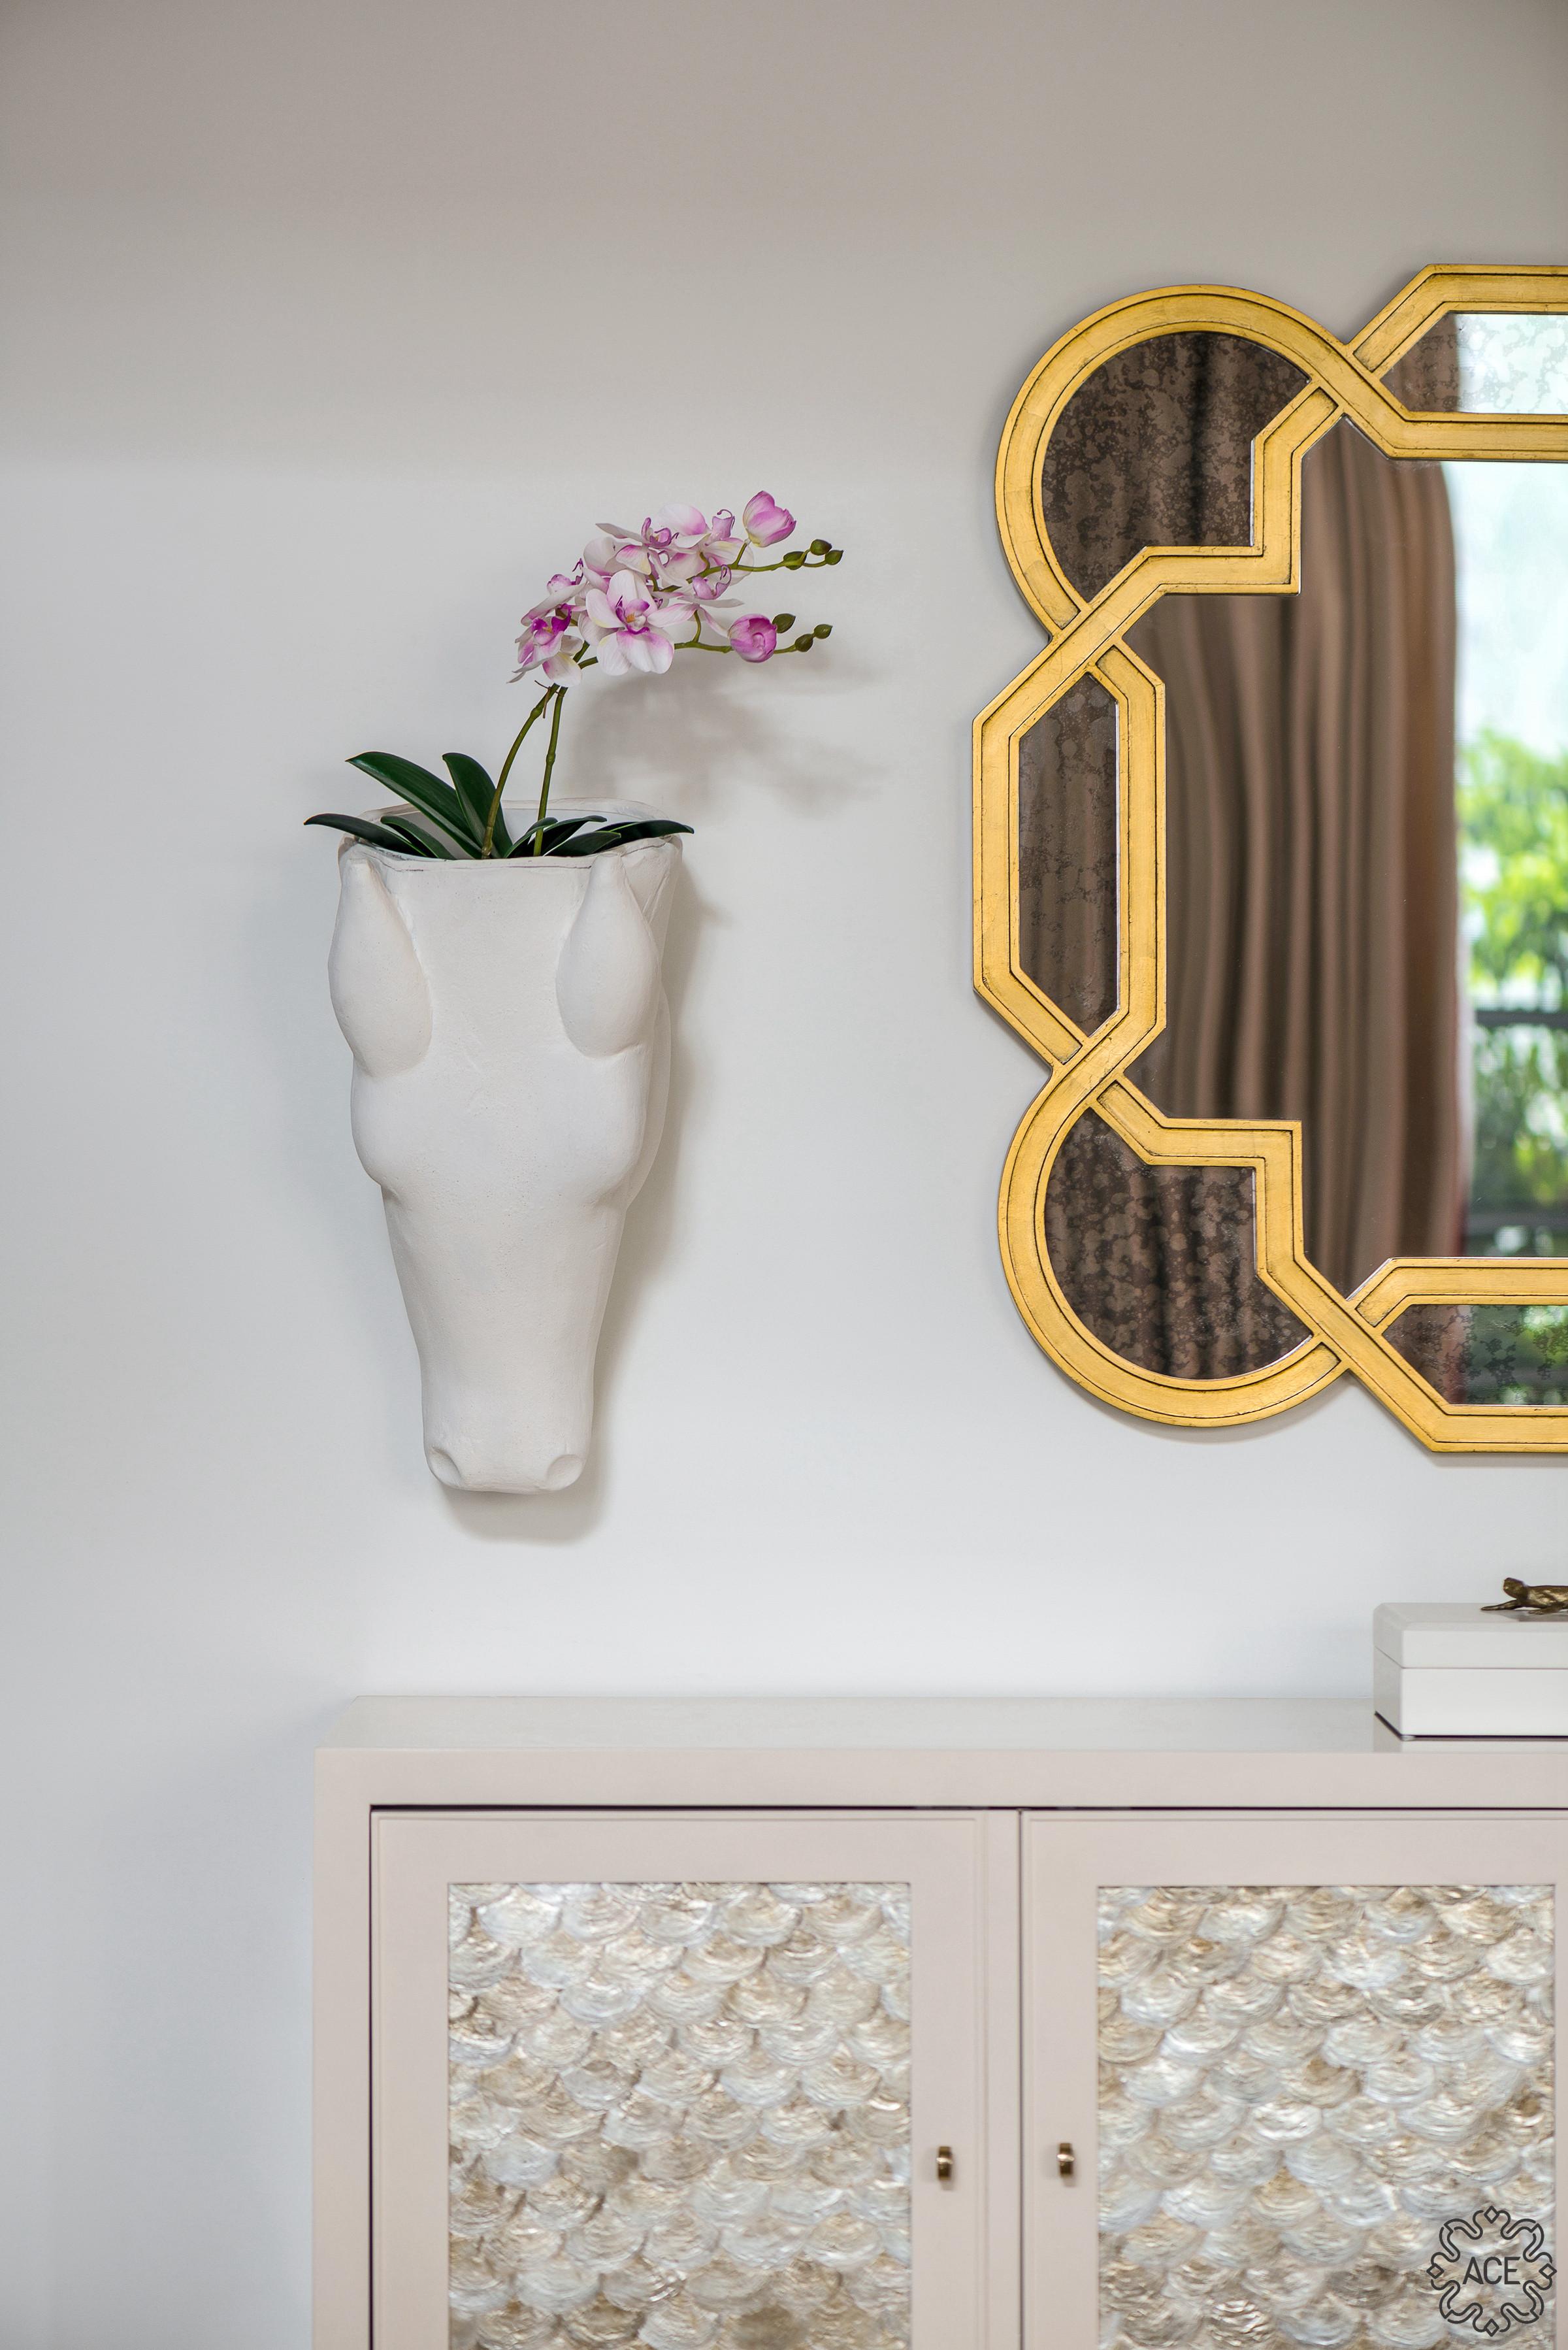 精装房改造 优雅住宅 气质 沉稳 其他图片来自谢辉室内定制设计服务机构在家之新颜的分享